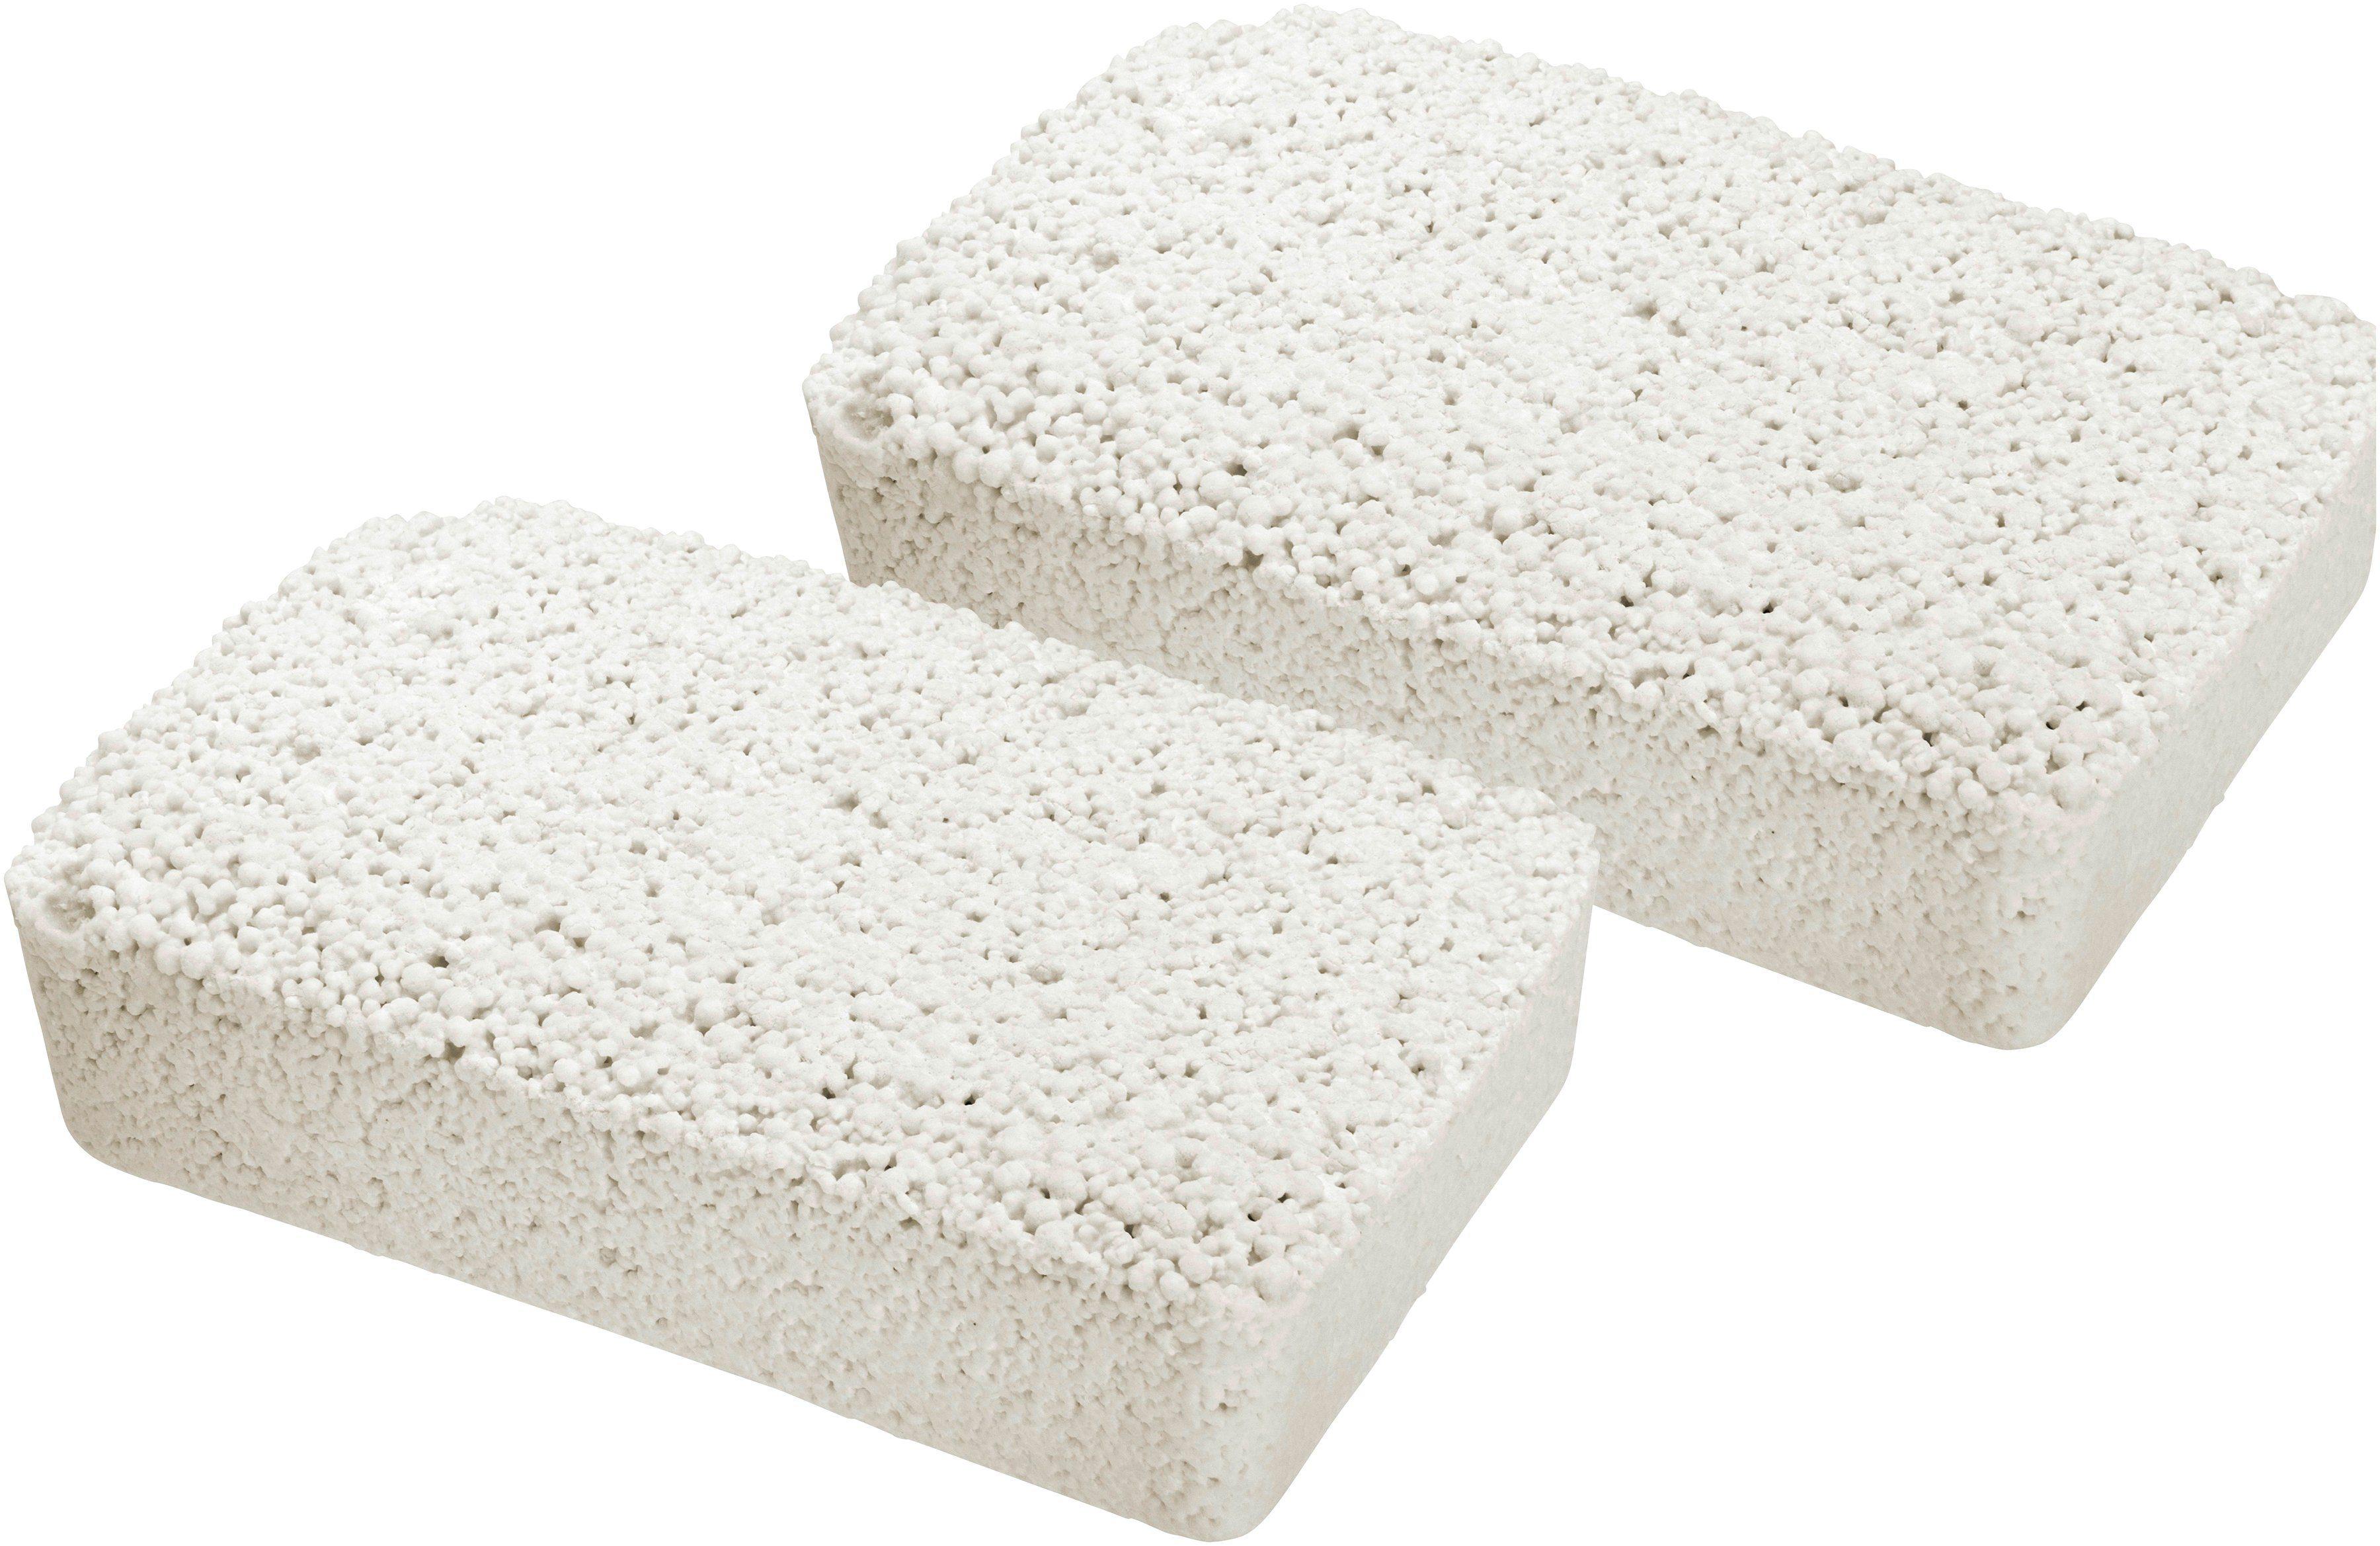 WENKO Nachfüllpaket für Luftentfeuchter »Feuchtigkeitskiller«, 2 x 2 kg